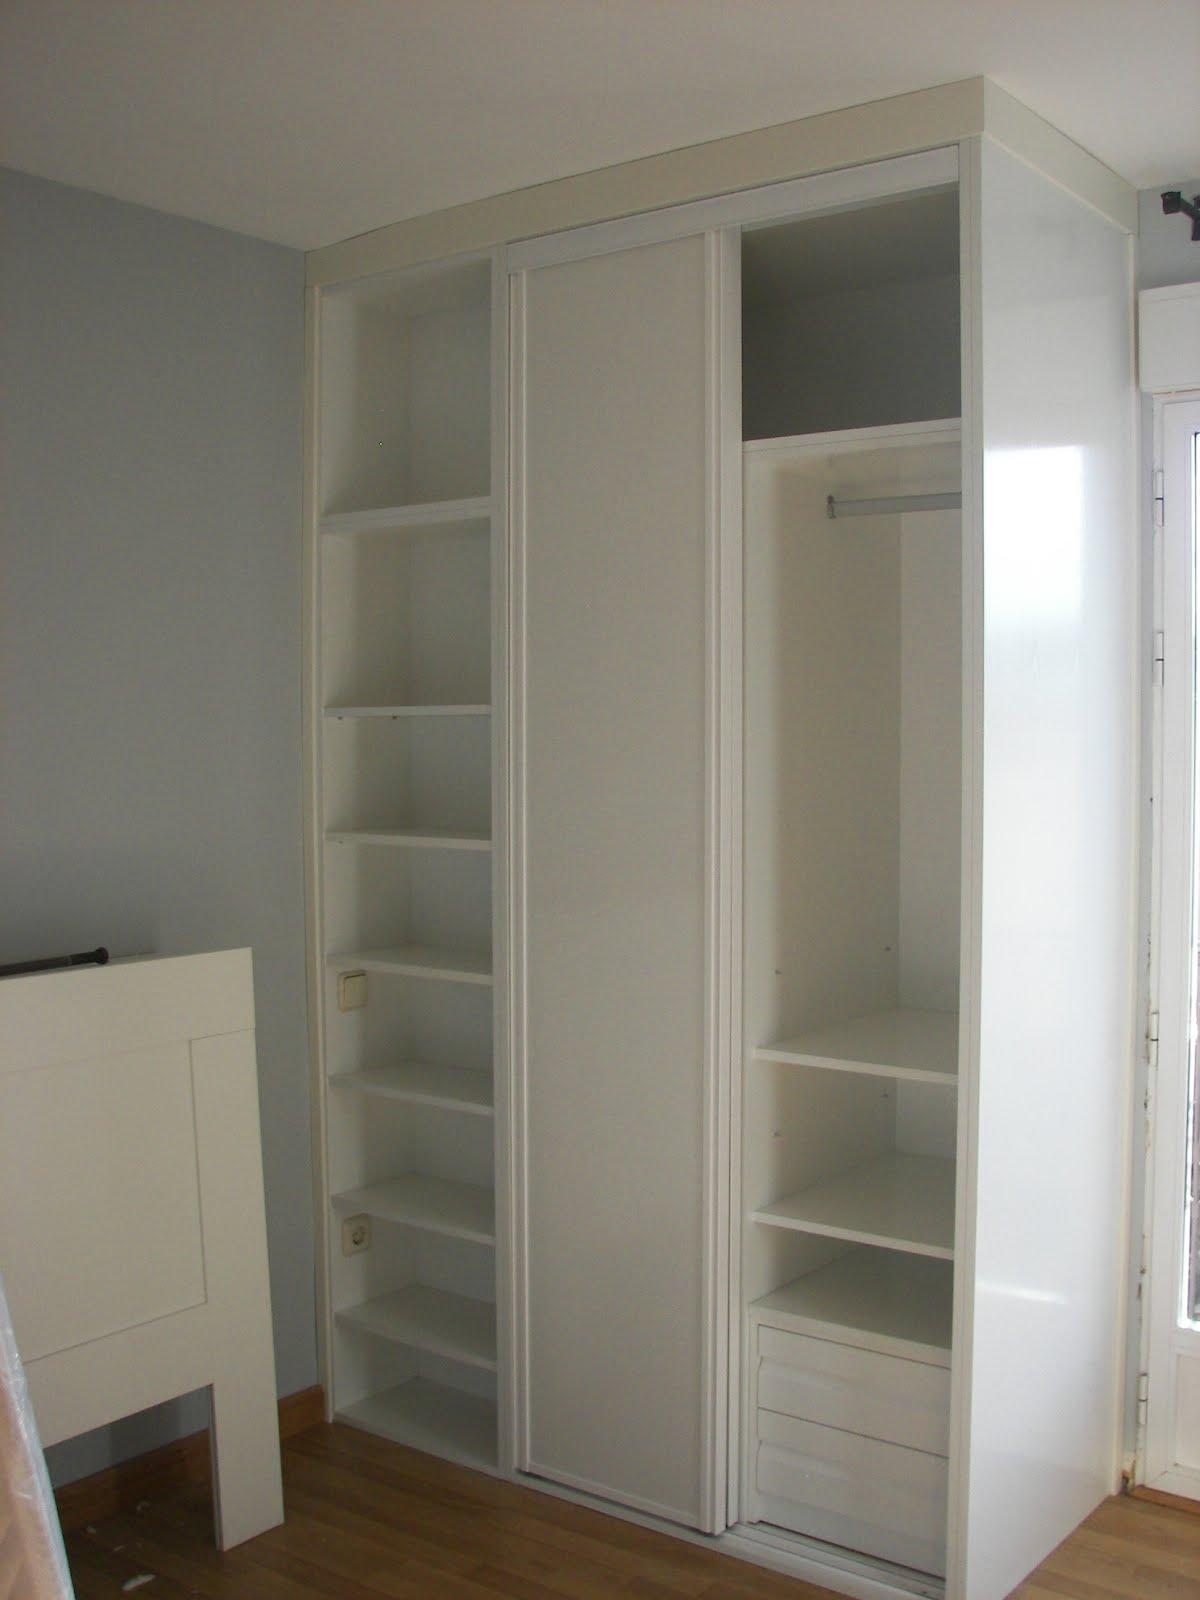 Carpinteria viosca roda frente armario y estanteria - Armario estanteria ...